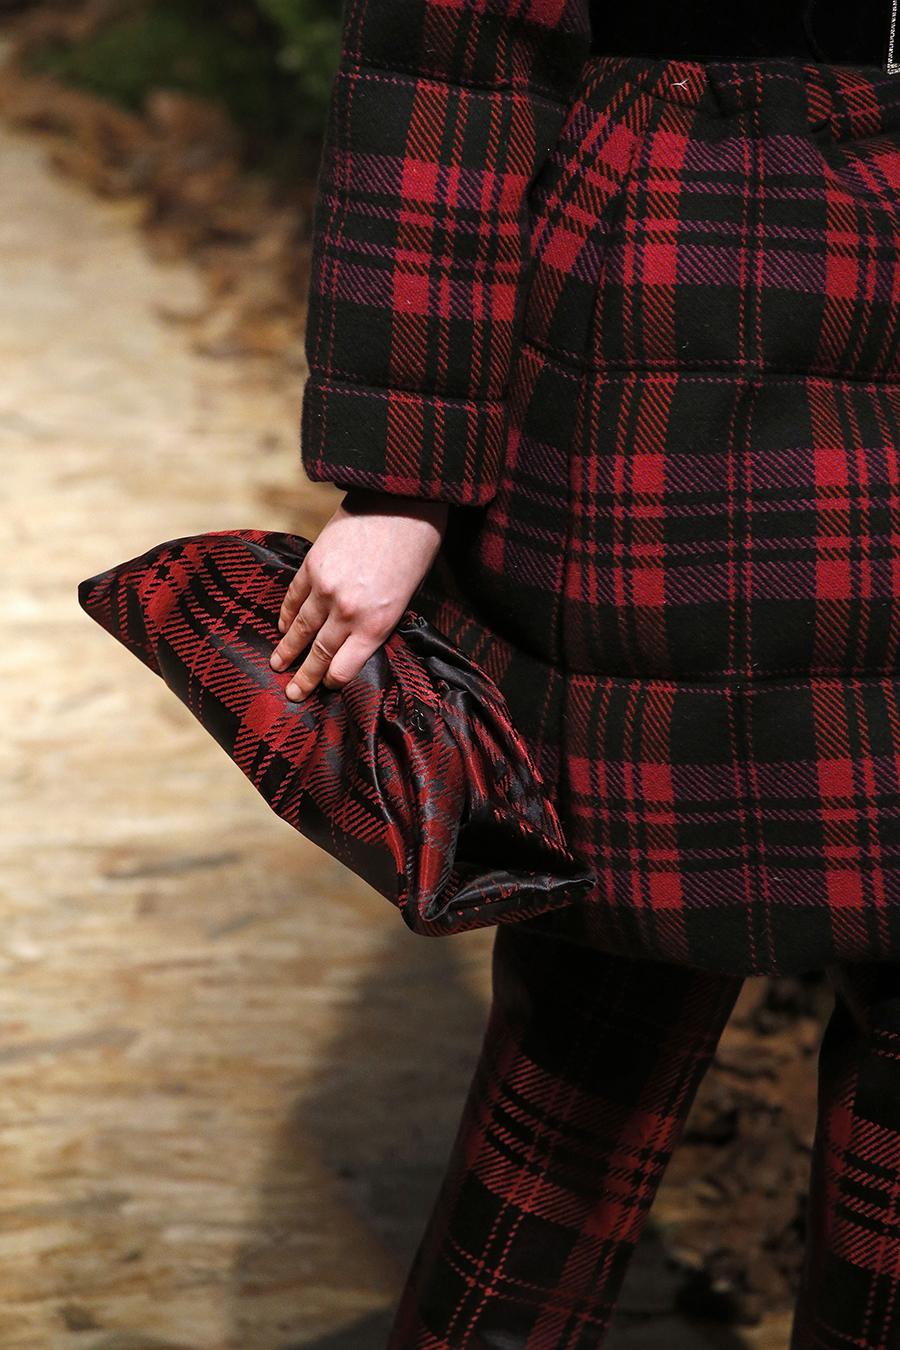 модная сумка мягкий большой клатч осень зима 2020 2021 красная клетка